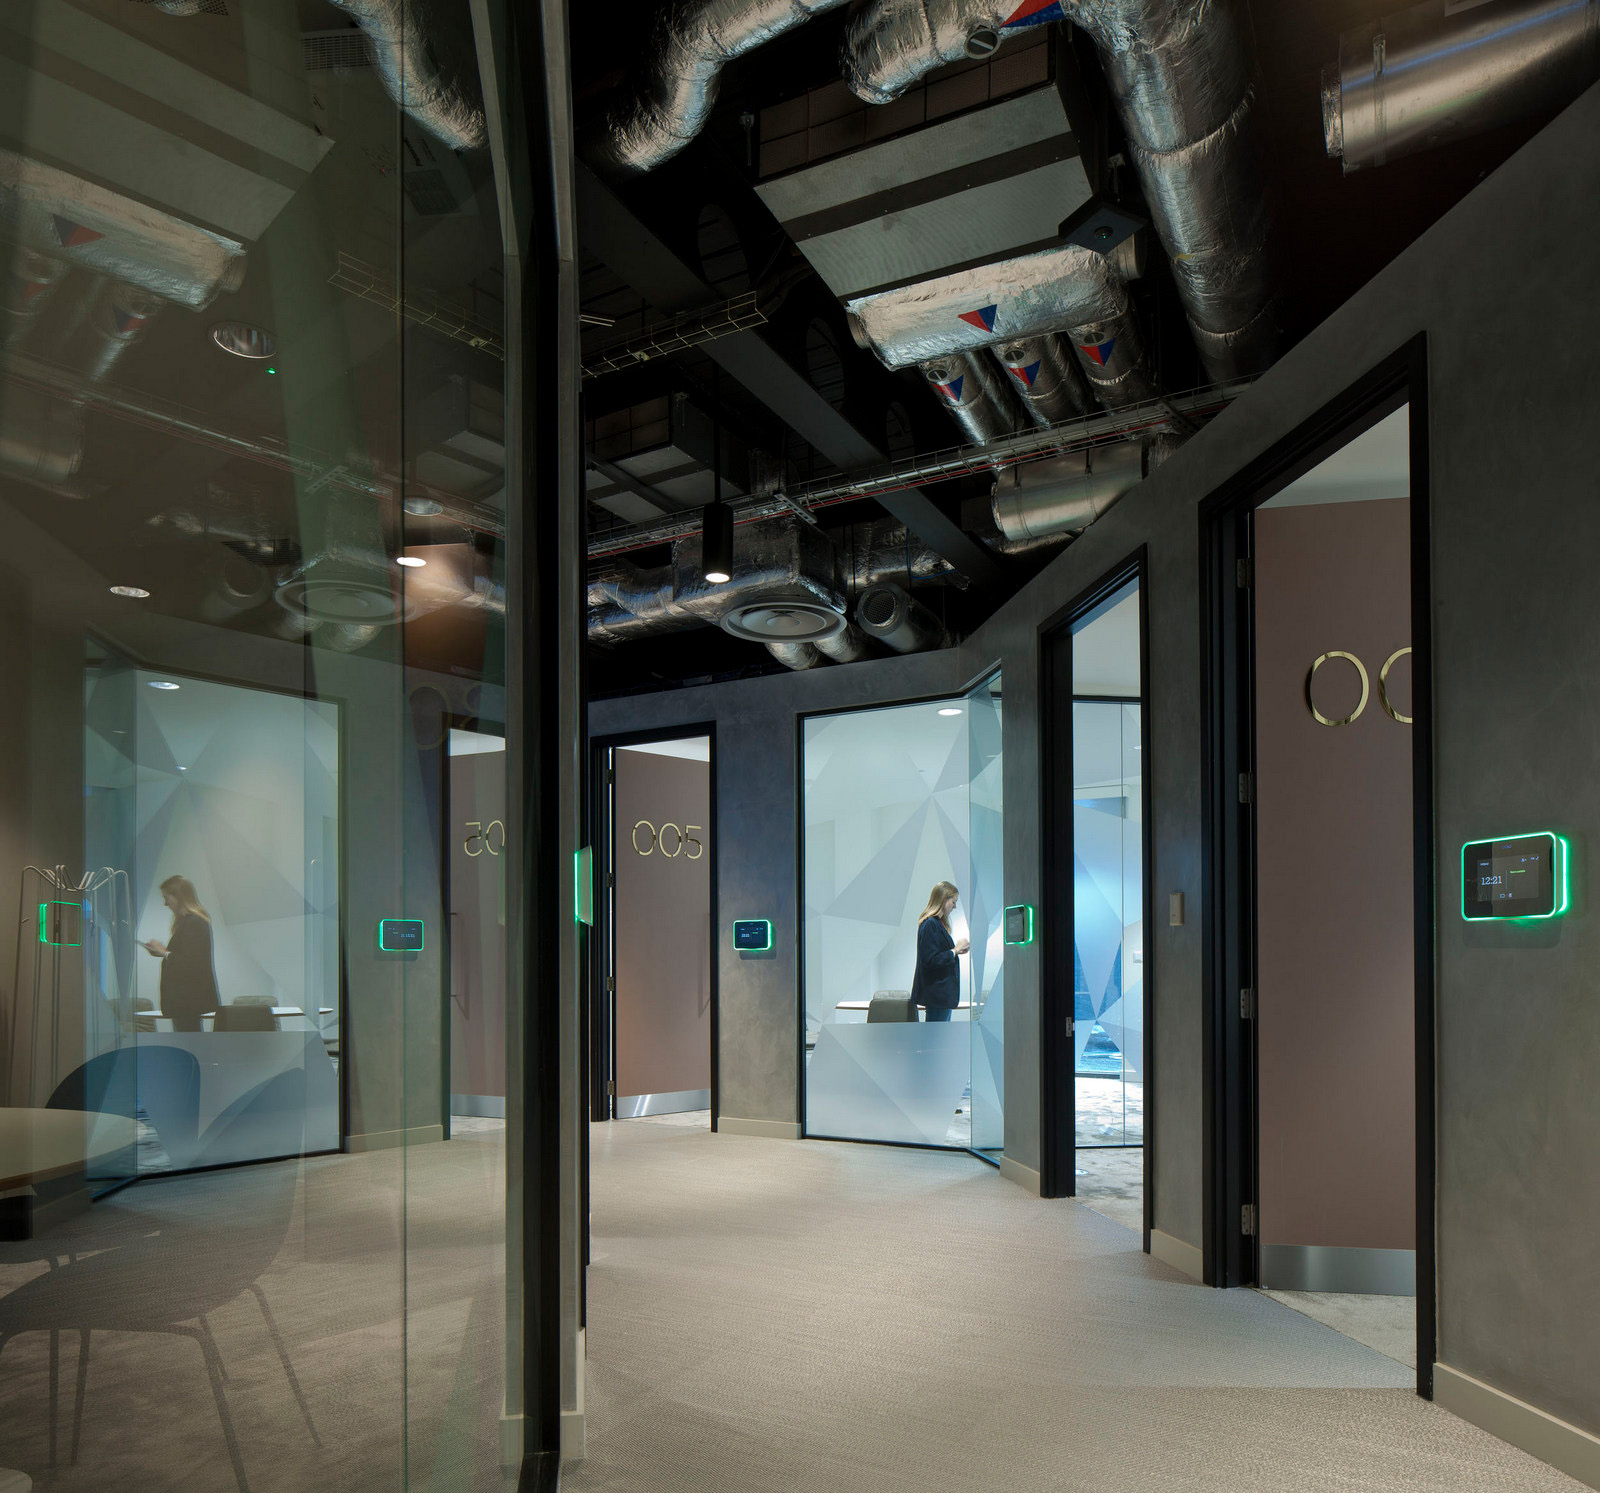 北欧航空电话_英国英格兰克劳利维珍假日酒店办公室设计